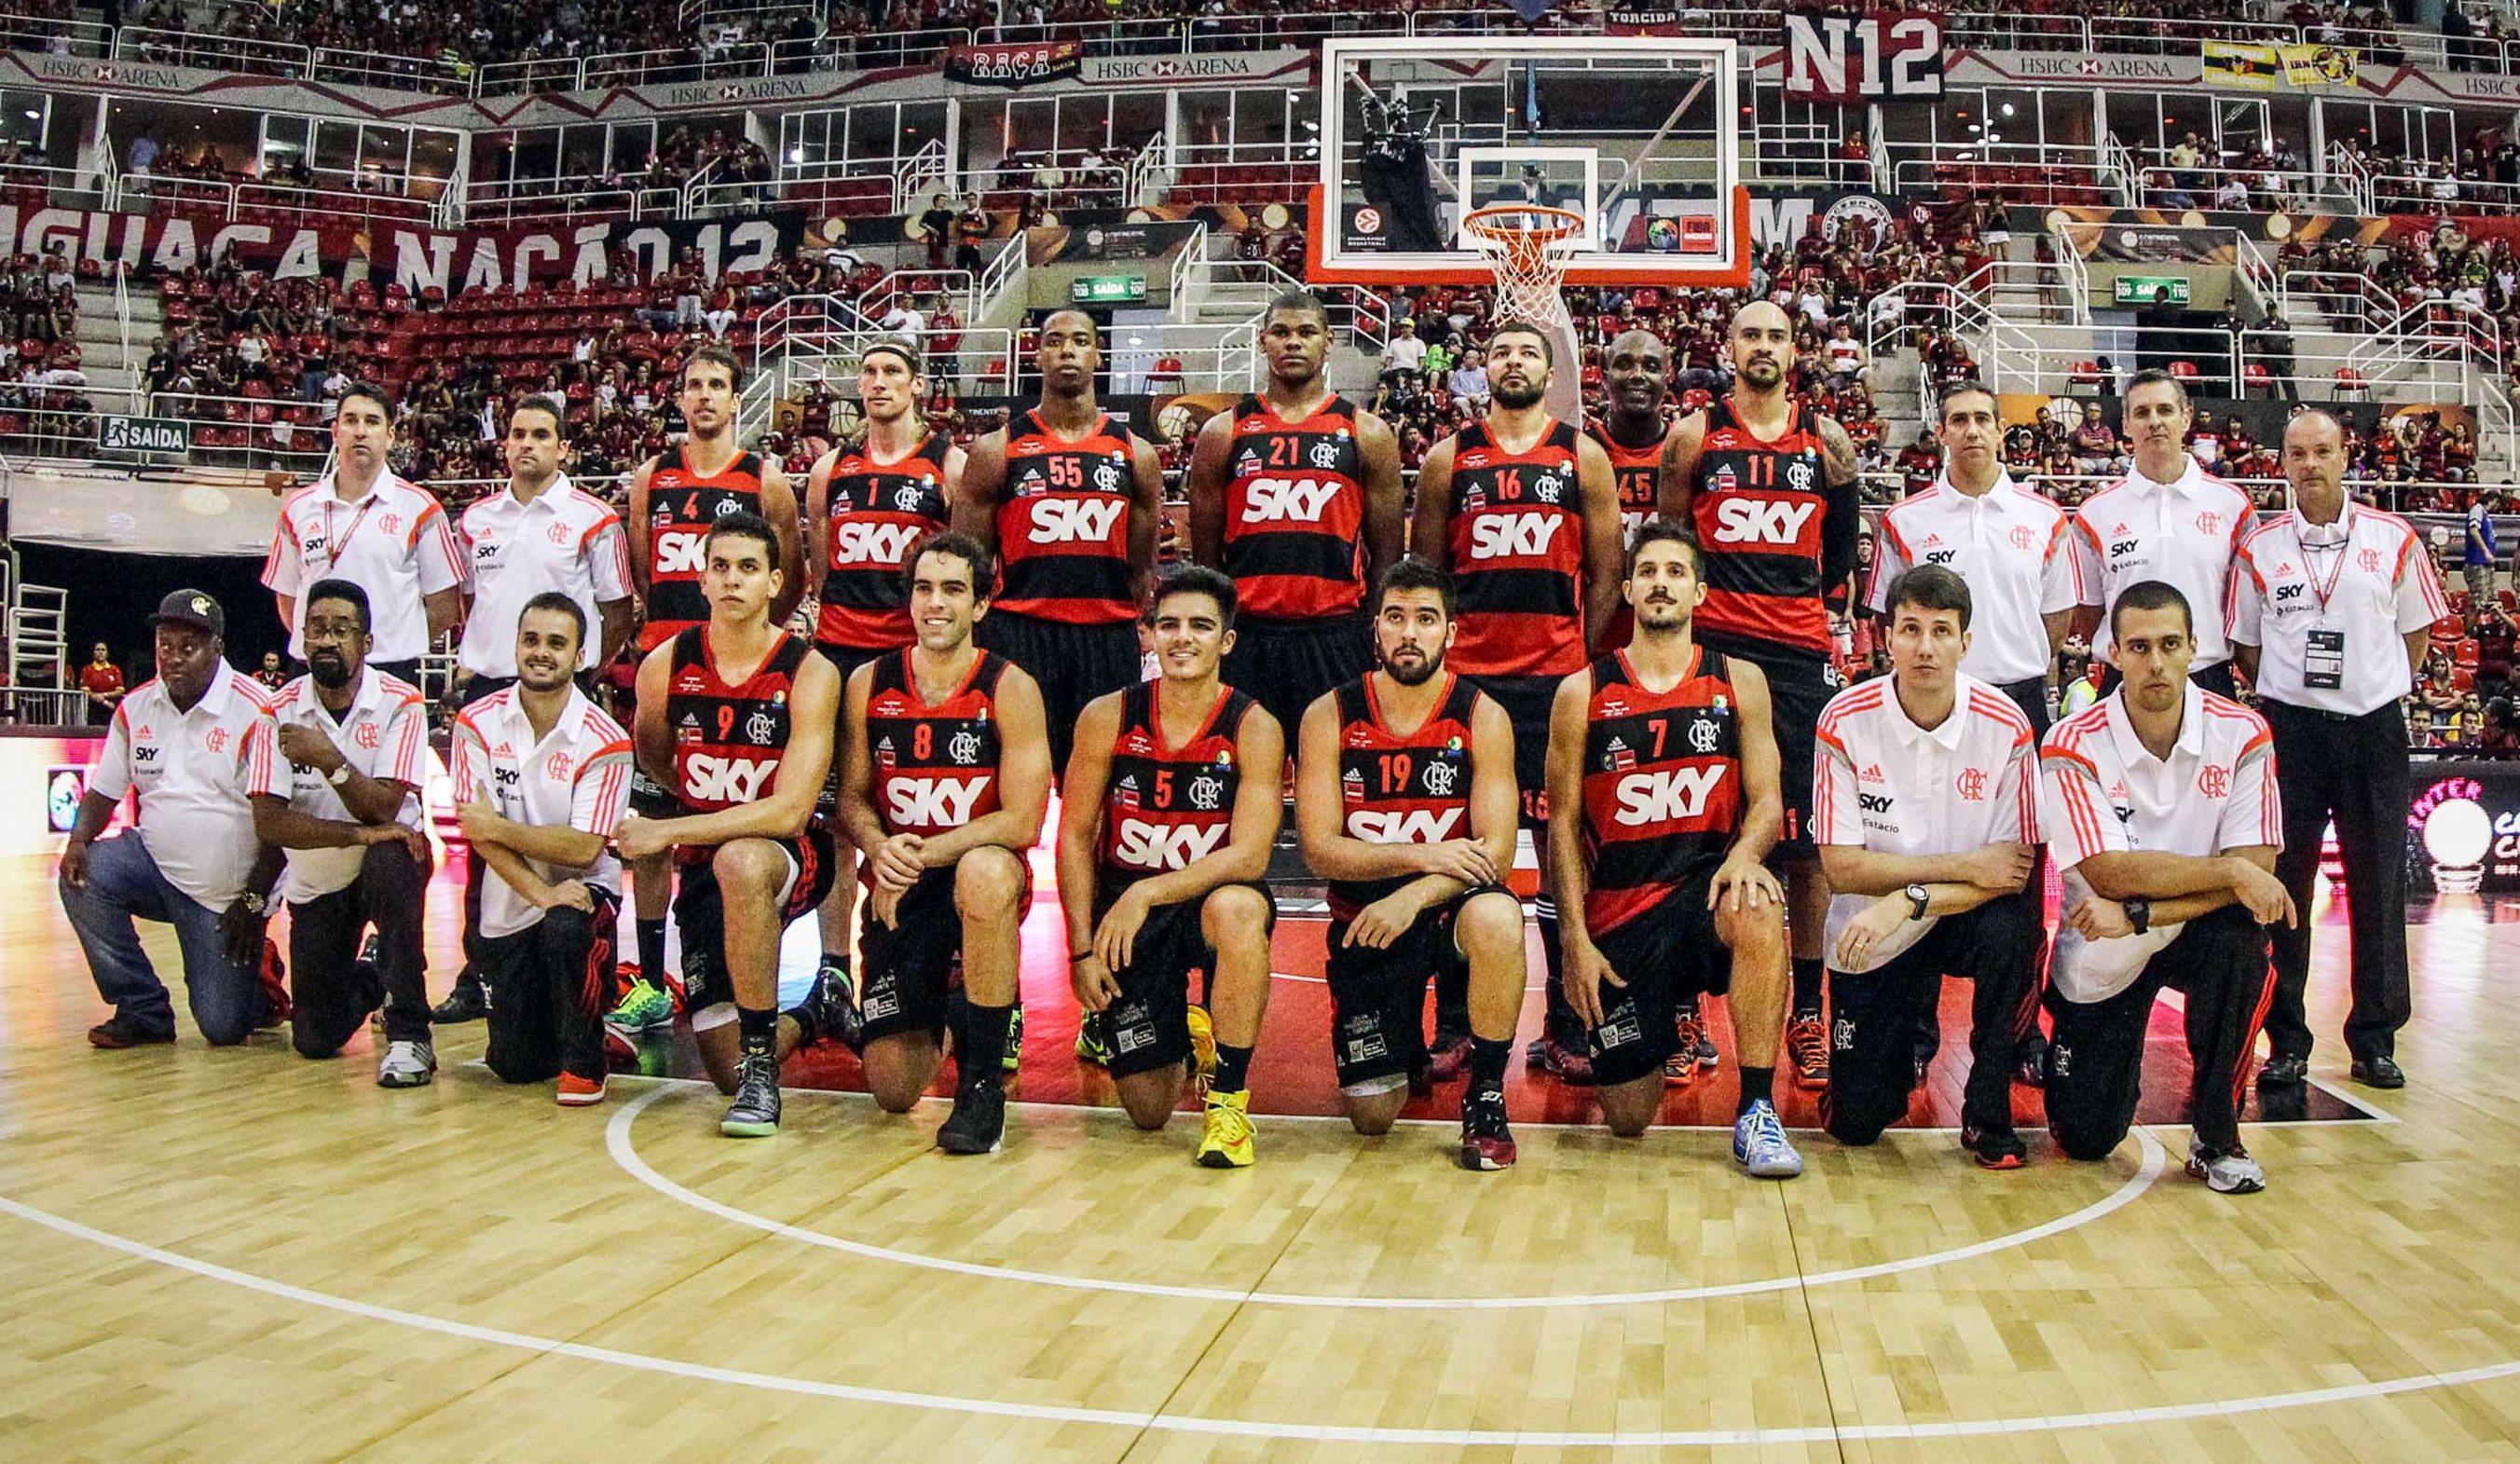 Força do elenco é uma das apostas para o Flamengo seguir fazendo história no basquete brasileiro (Gaspar Nóbrega/FIBA Américas)